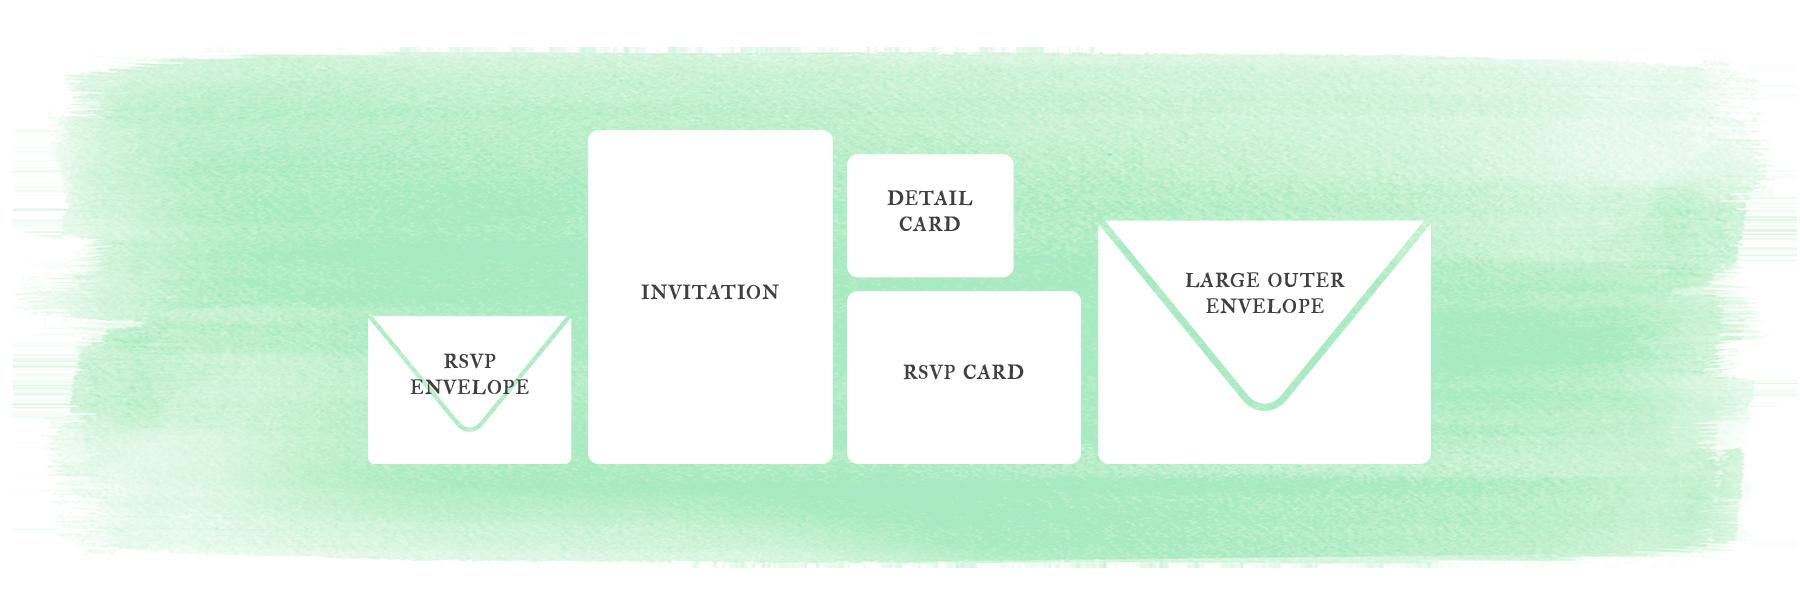 InvitationSuite_Graphic.png